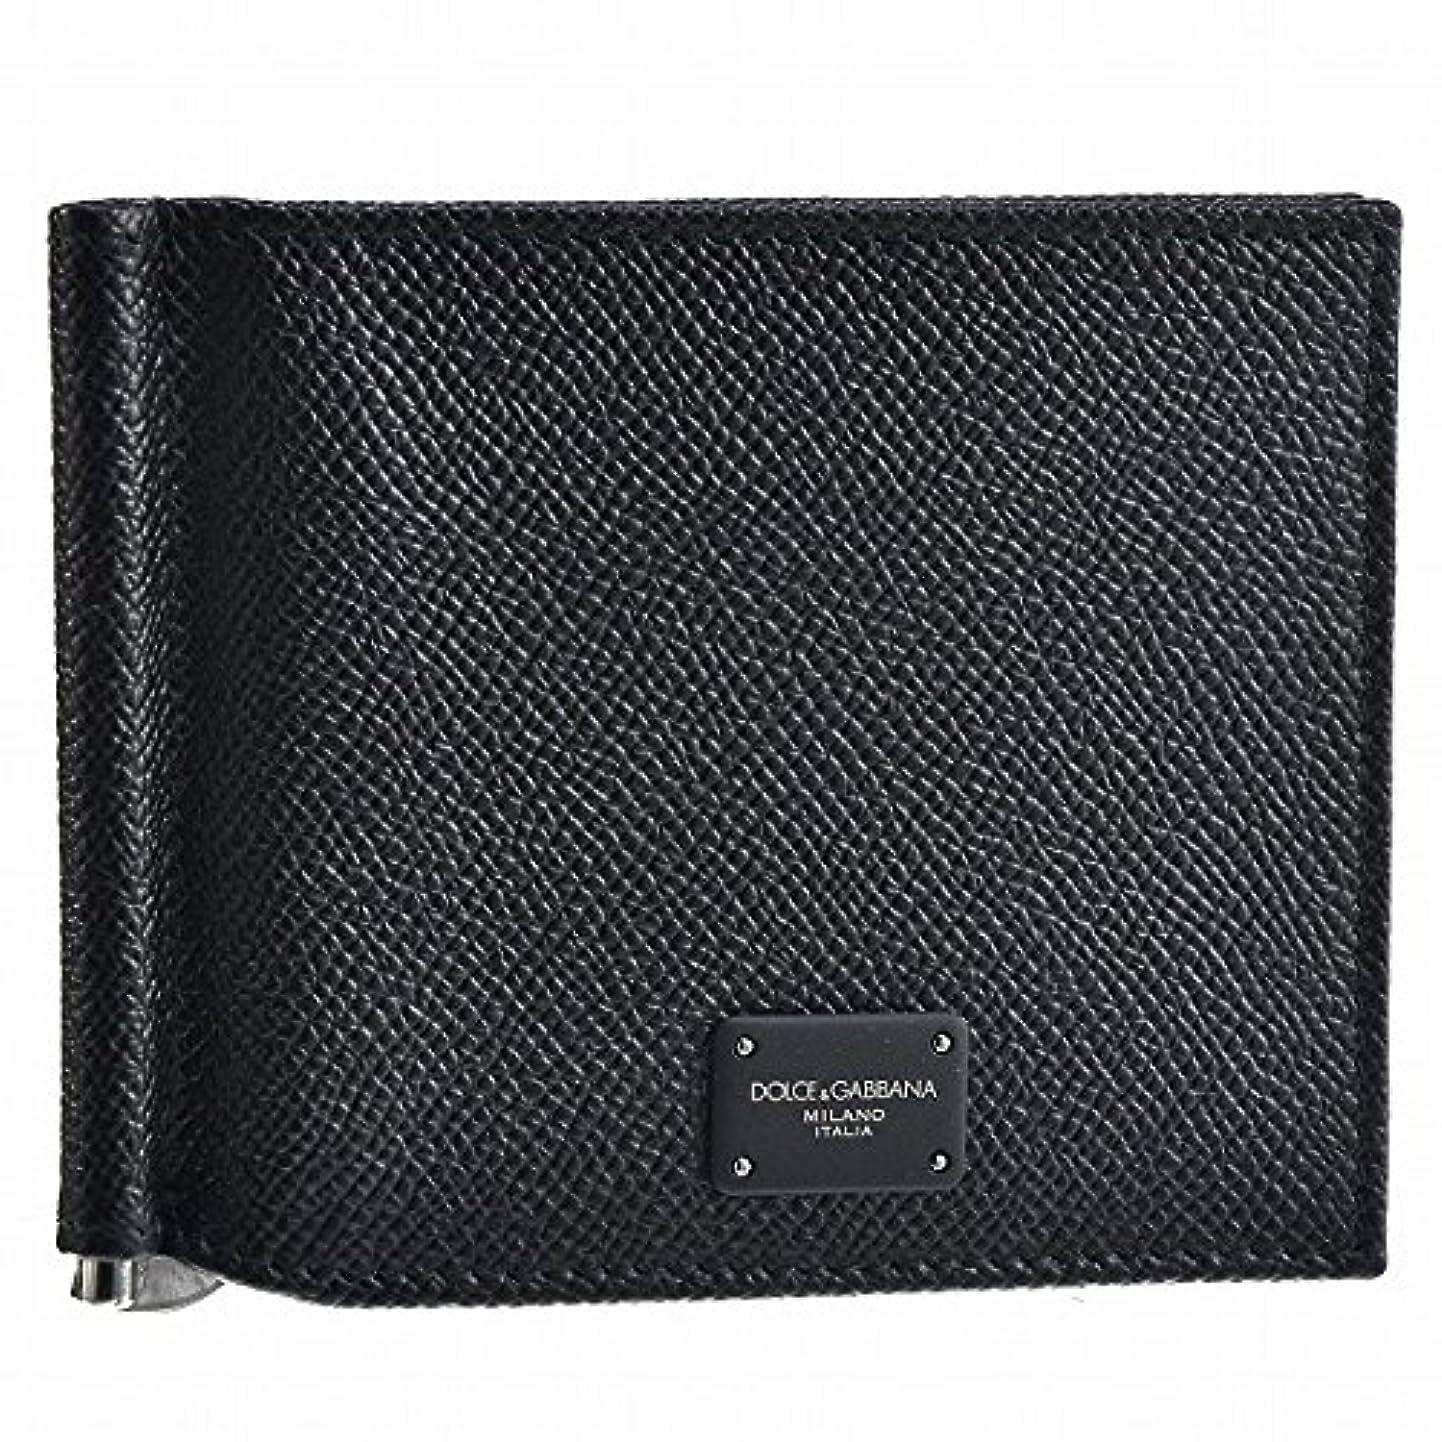 もしキャロライン重力Dolce&Gabbana(ドルチェ&ガッバーナ) 財布 メンズ ST.DAUPHINE+TARG 2つ折り財布 ブラック BP1920-AI359-80999 [並行輸入品]